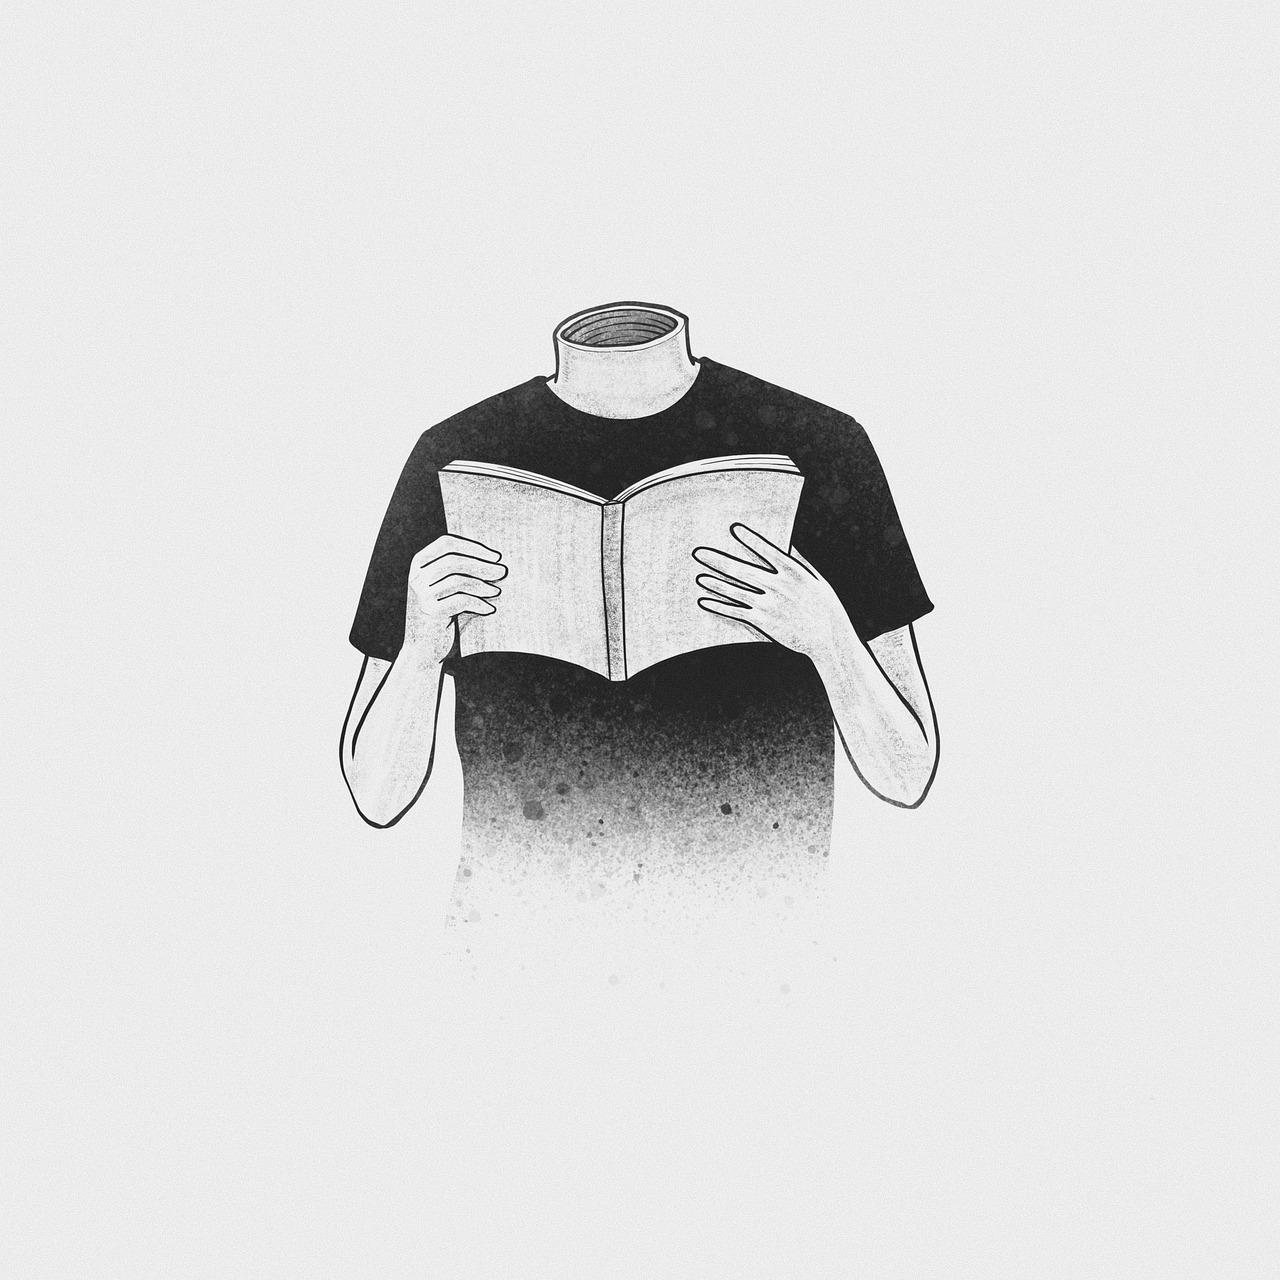 Reading Headless Surreal - Free image on Pixabay